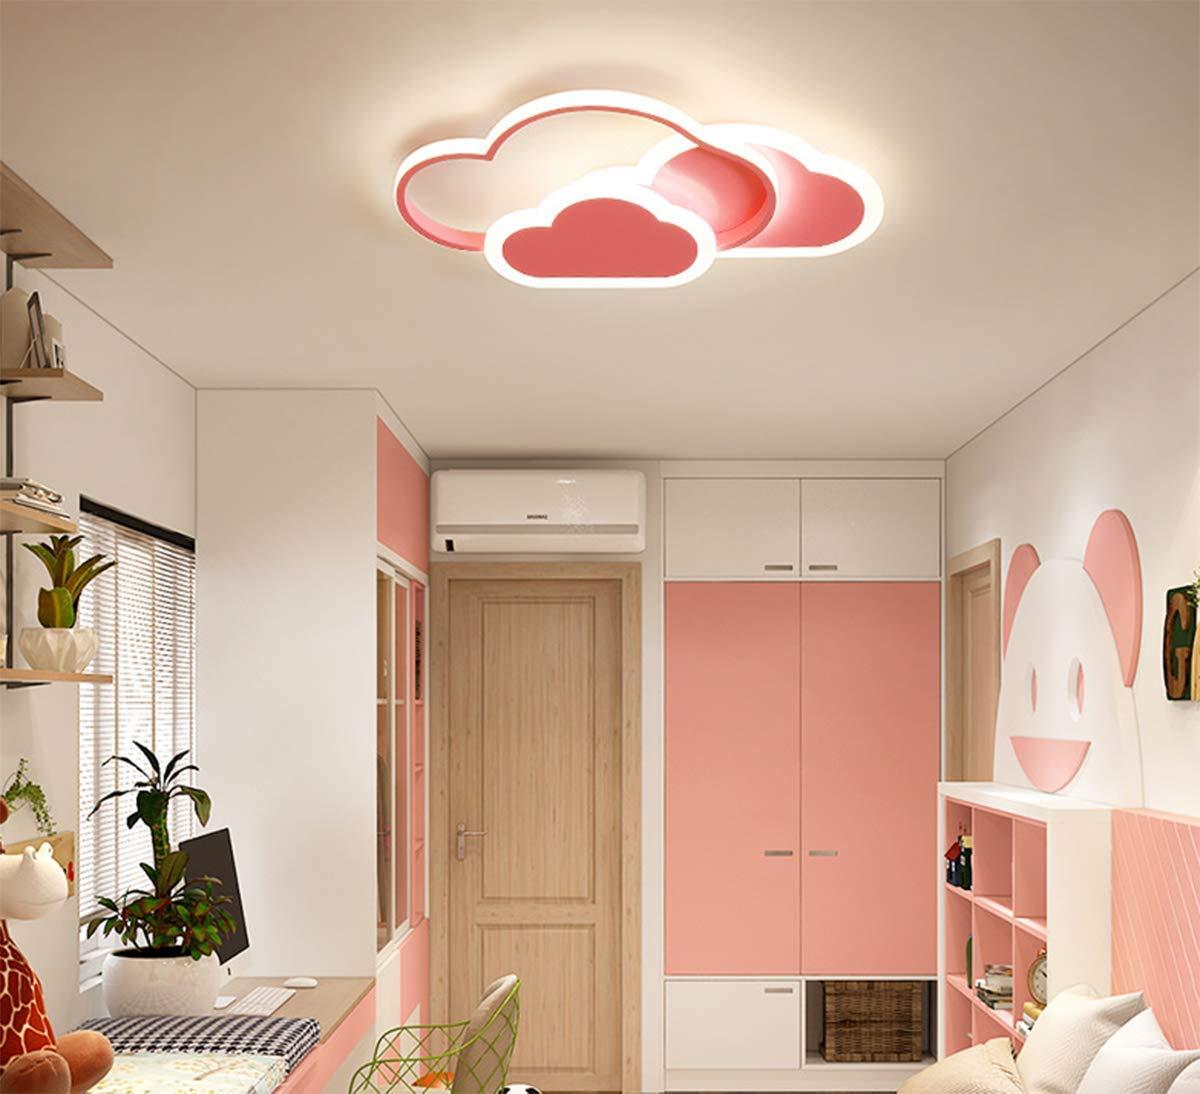 L/ámpara de techo LED en forma de nube L/ámpara de habitaci/ón para chicas L/ámpara muy popular entre los ni/ños L/ámpara de dormitorio 42 * 25CM 32W Luz blanca, Blanco